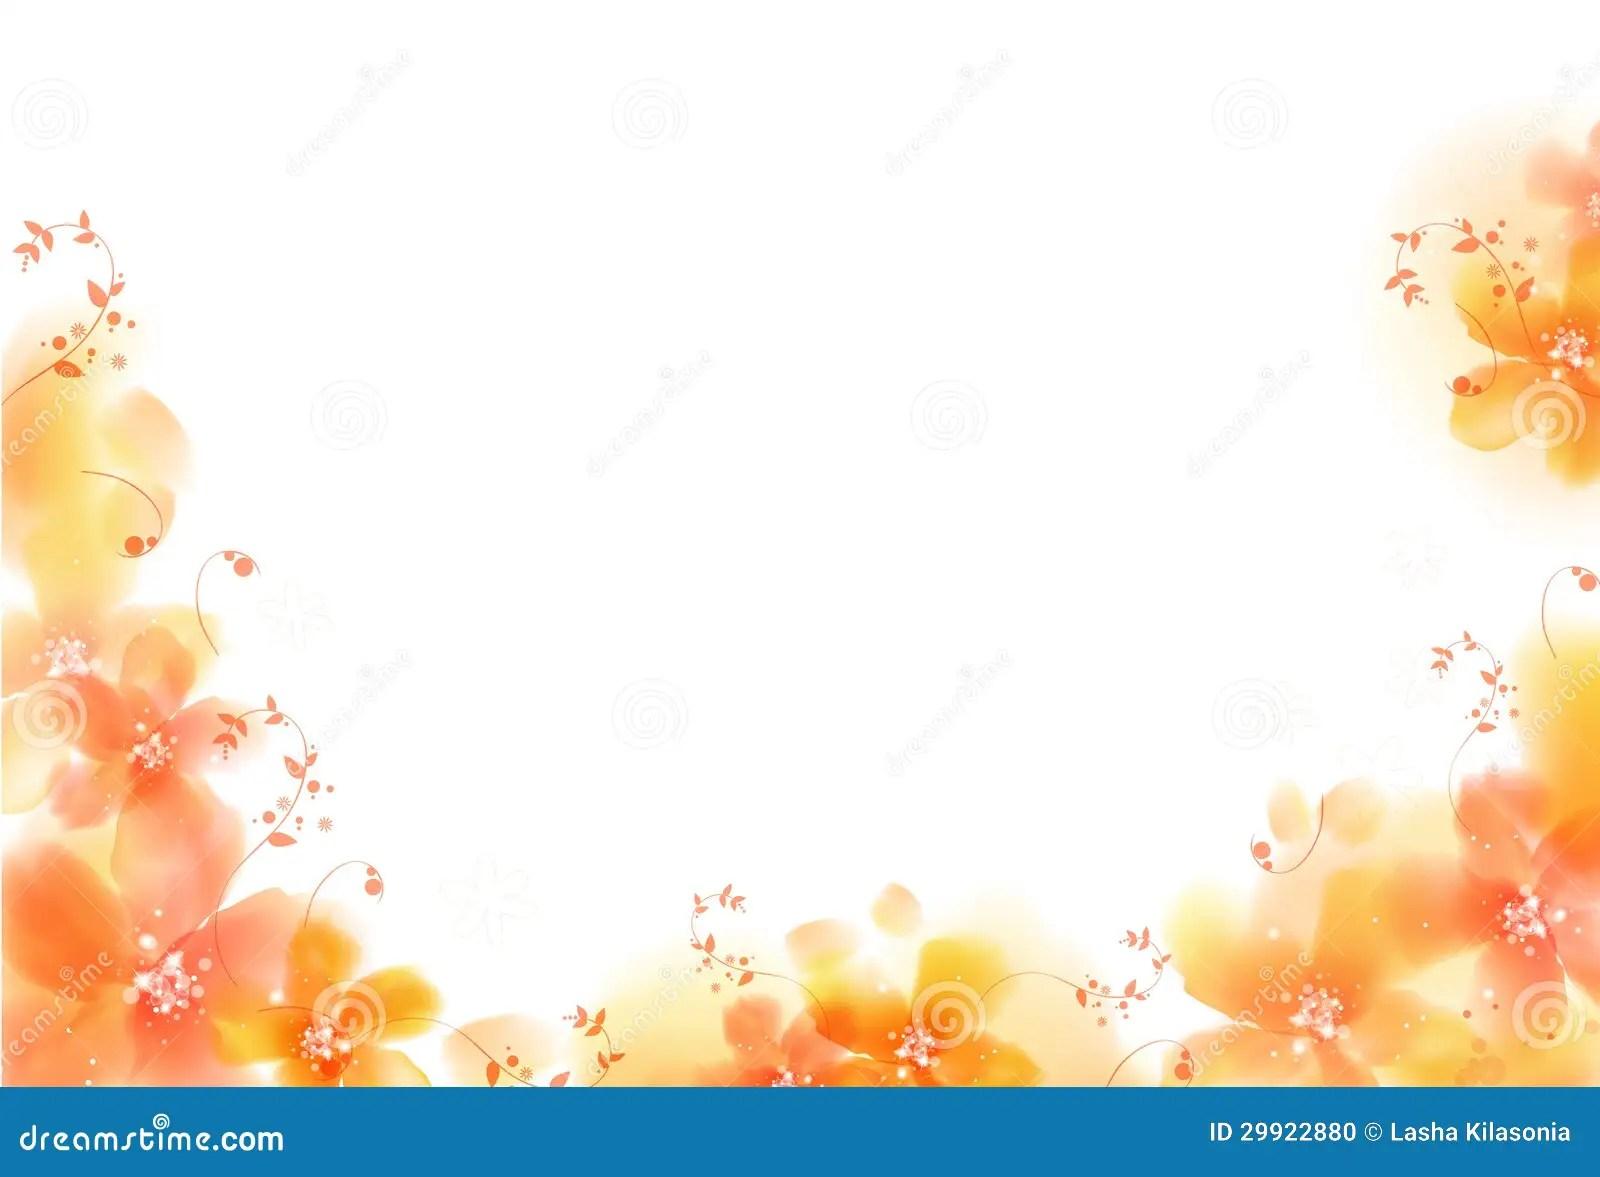 Free Fall Pictures Desktop Wallpaper Fond Transparent De Feuilles D Automne Photo Stock Image